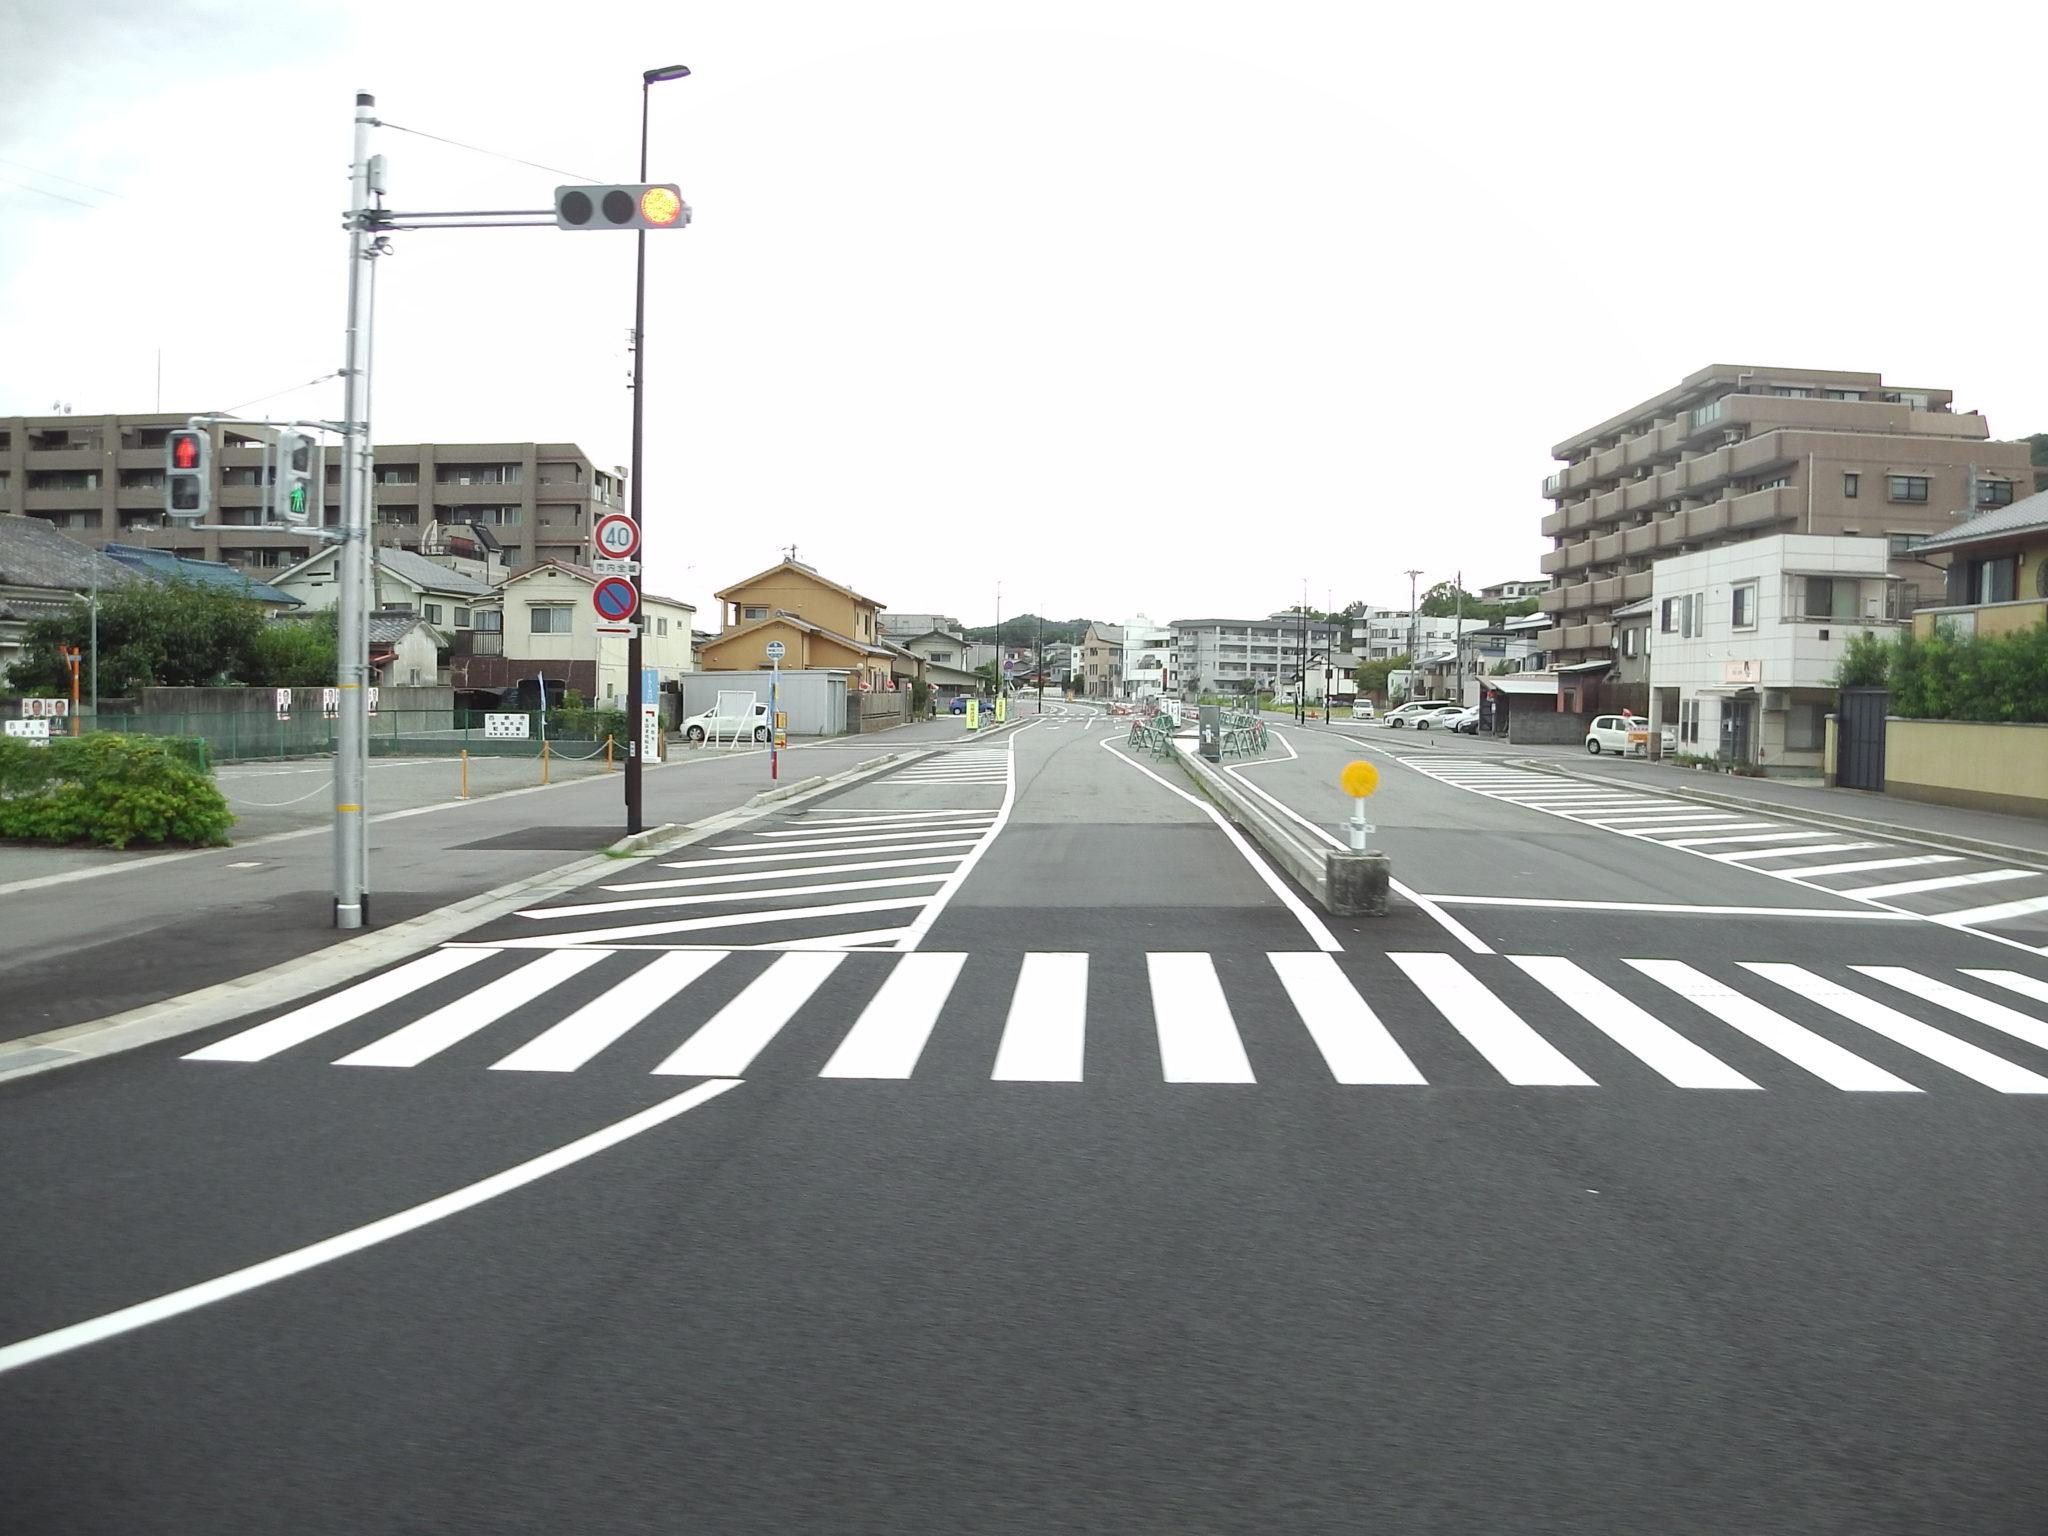 兵庫県立大学の南に新しい道路が開通している【8/28】バス停も移動 ...